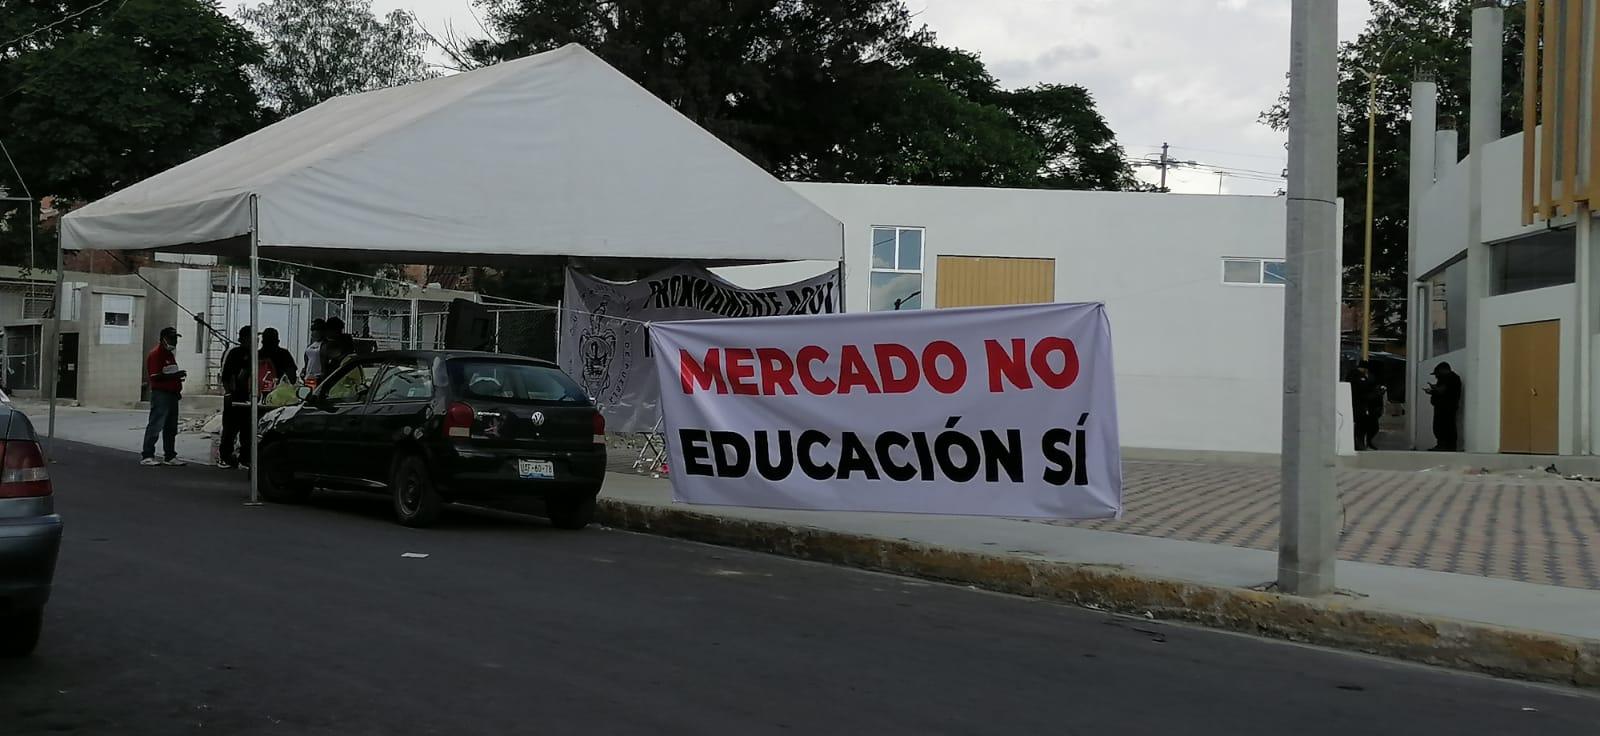 Vecinos evitarán que sea inaugurado el mercado Ayocuan en Tecamachalco